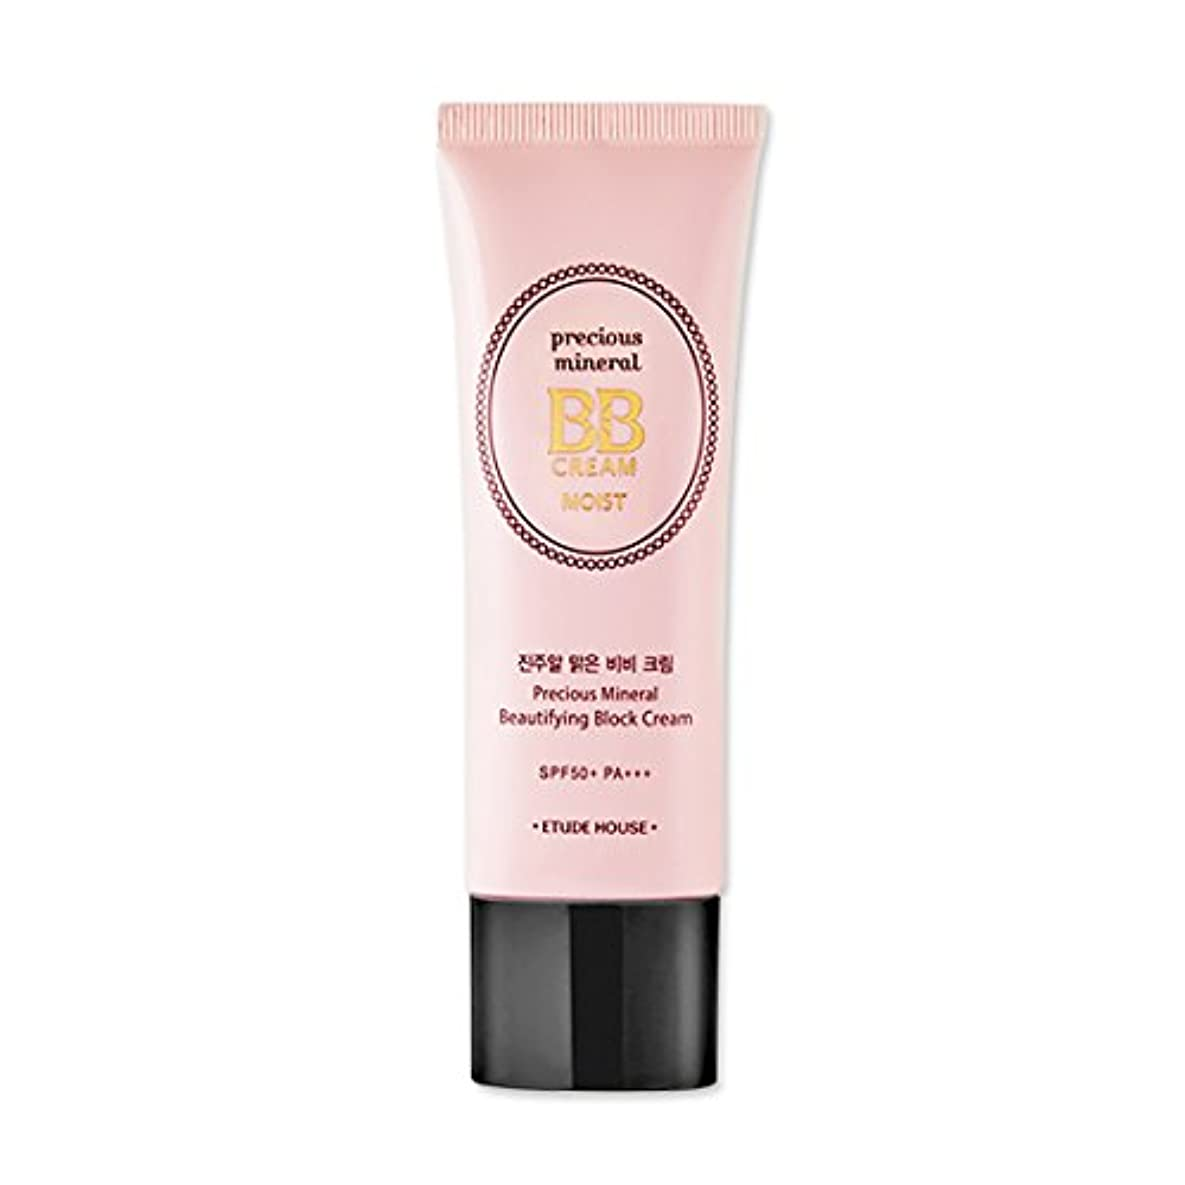 アルプスショッキングマント[New] ETUDE HOUSE Precious Mineral BB Cream * Moist * 45g/エチュードハウス プレシャス ミネラル BBクリーム * モイスト * 45g (#Beige) [並行輸入品]